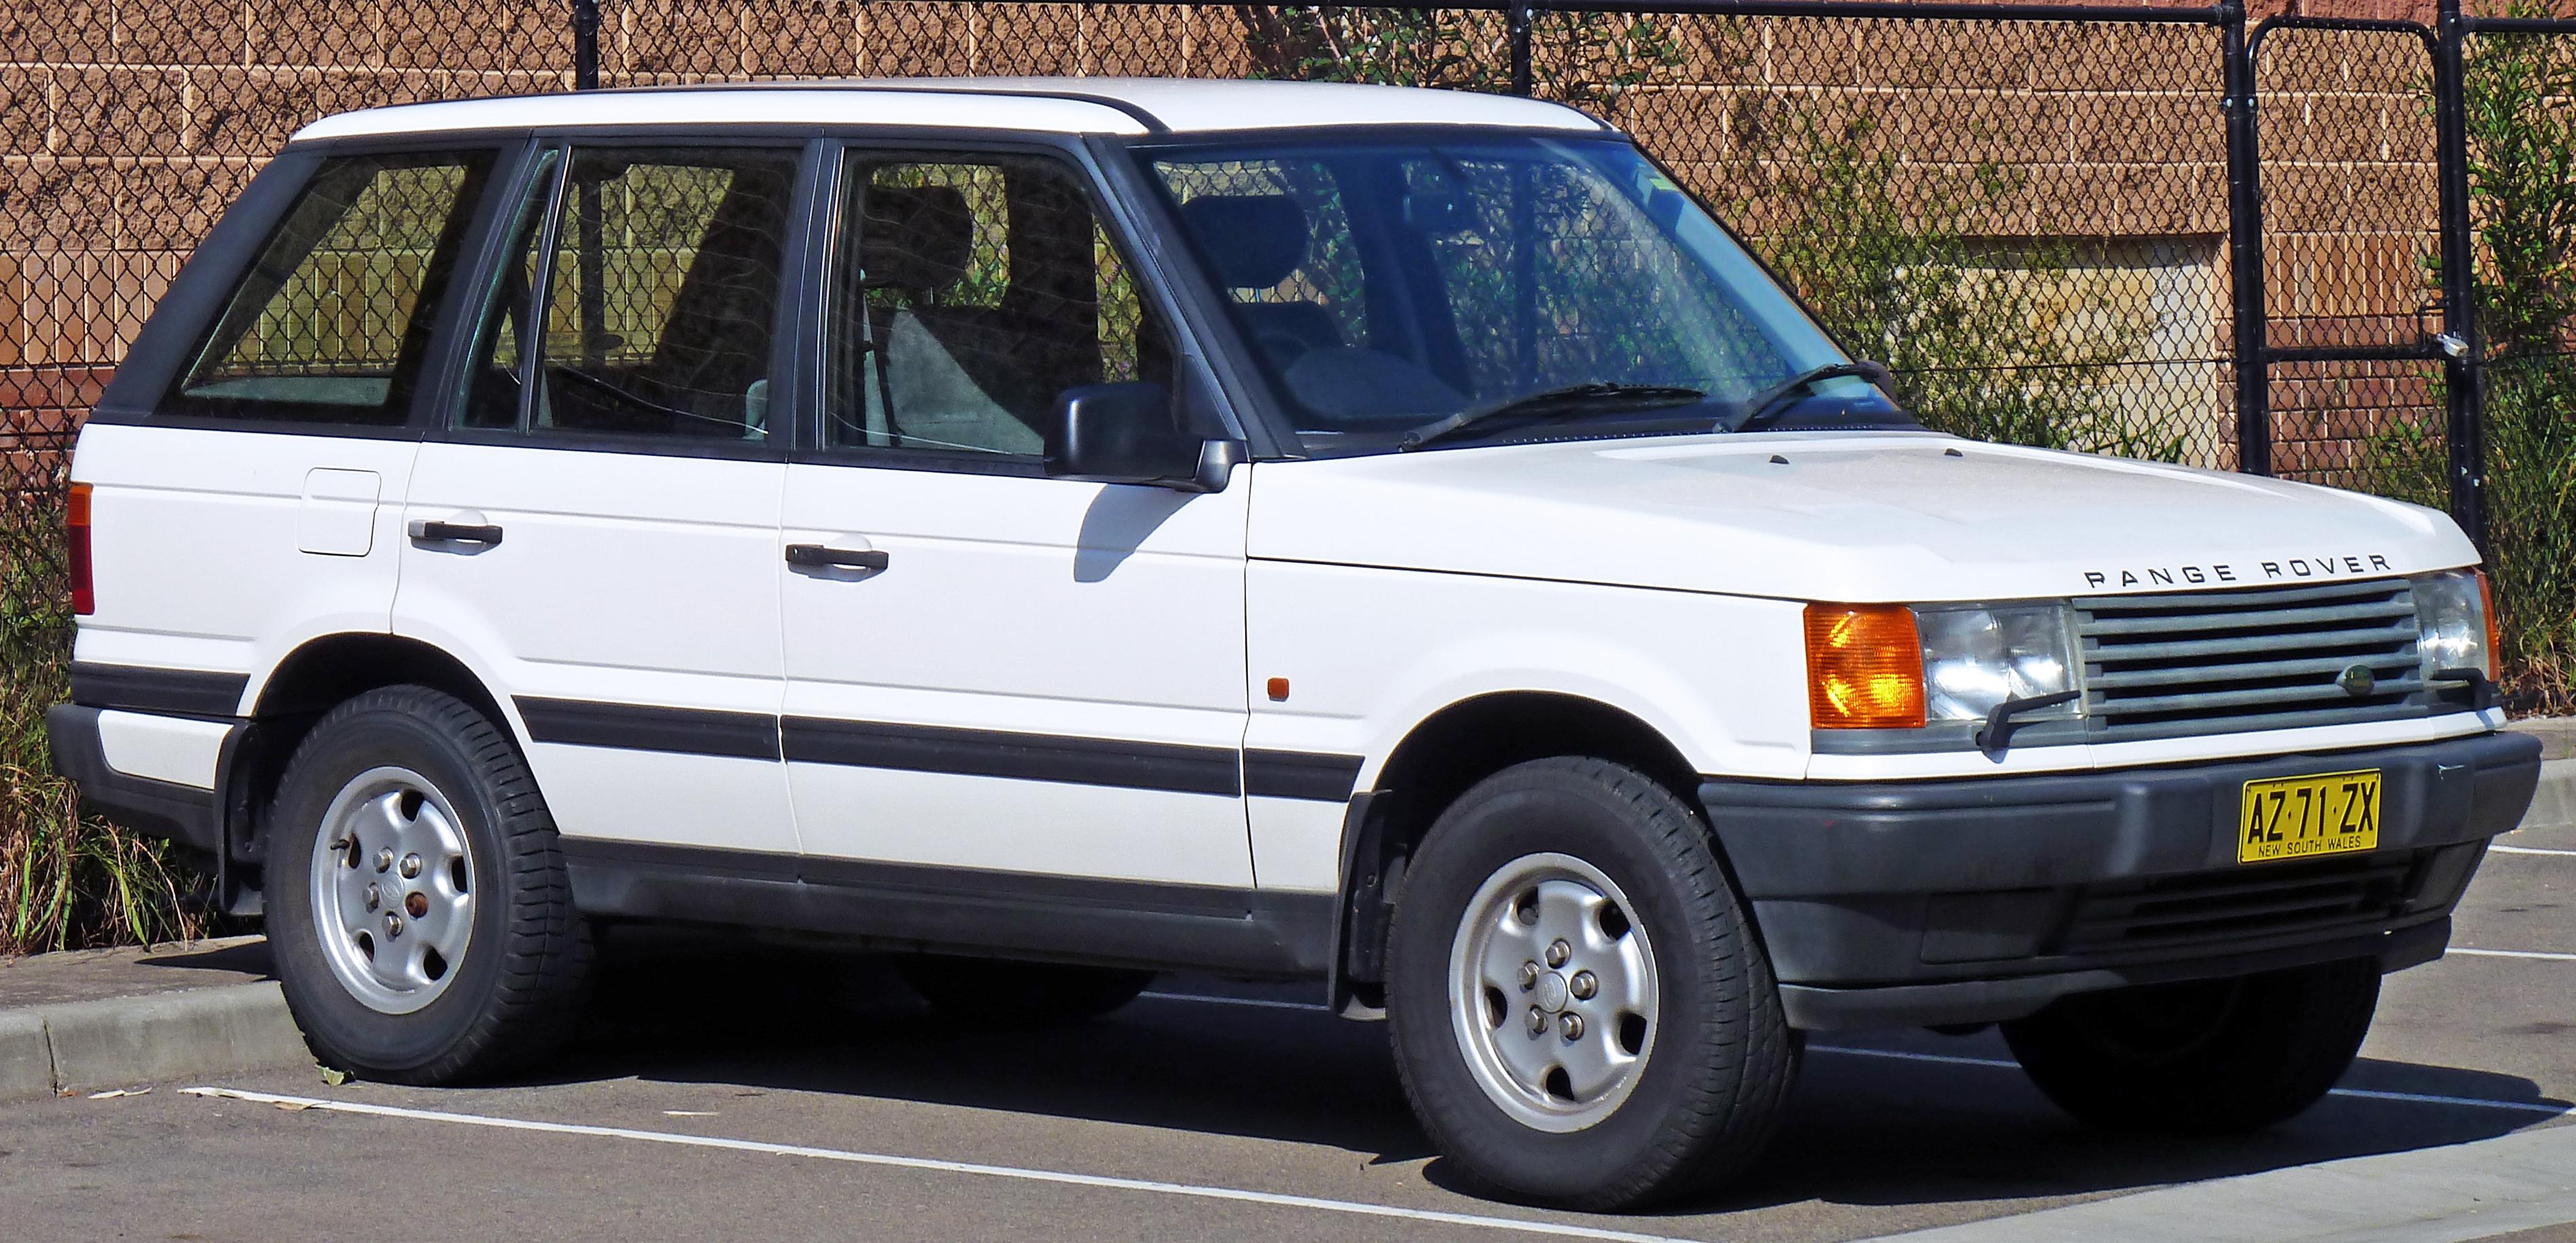 ... Land Rover Range Rover #9